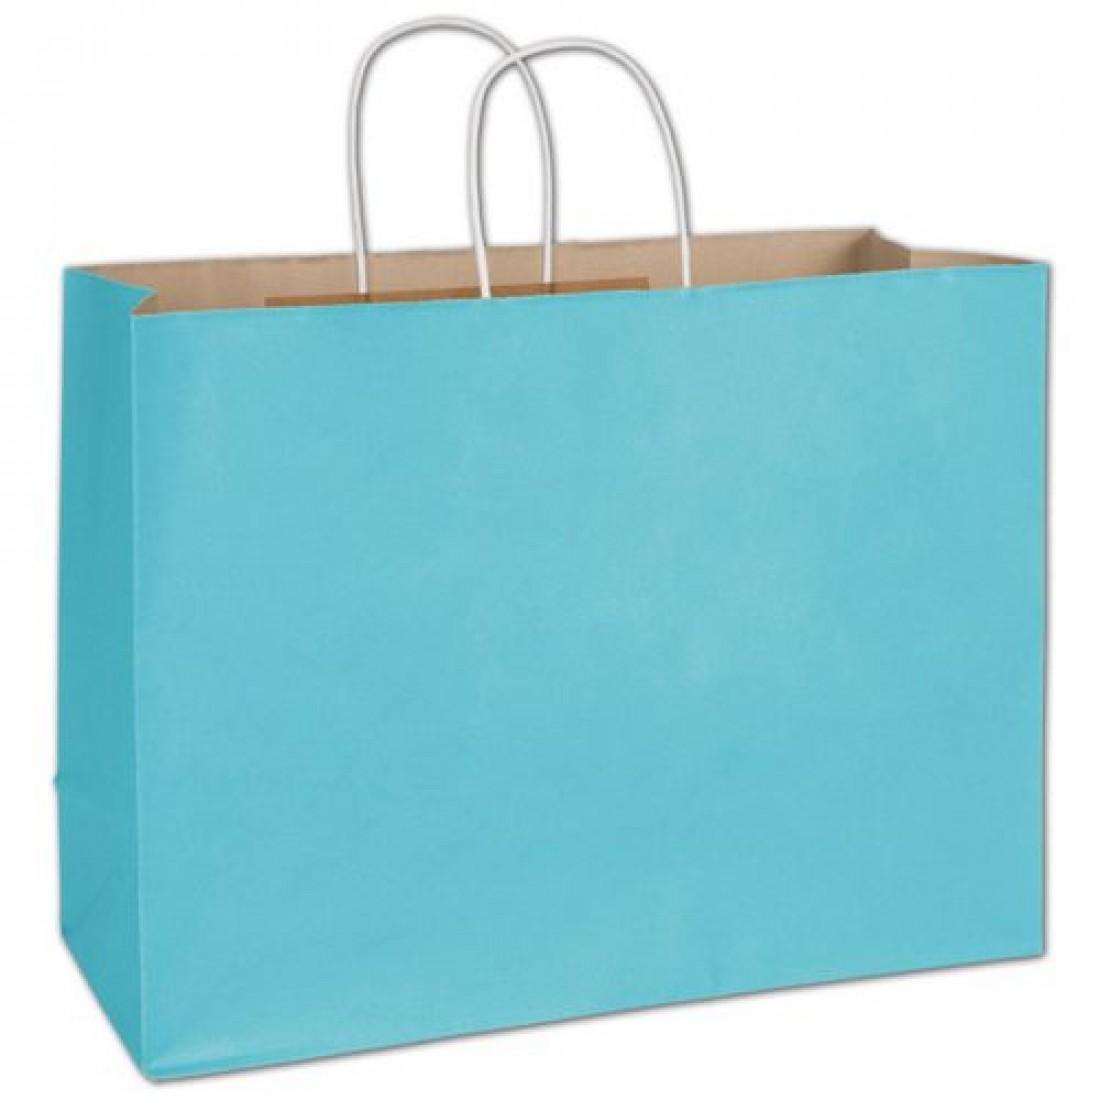 Arctic Blue Vogue Shopper